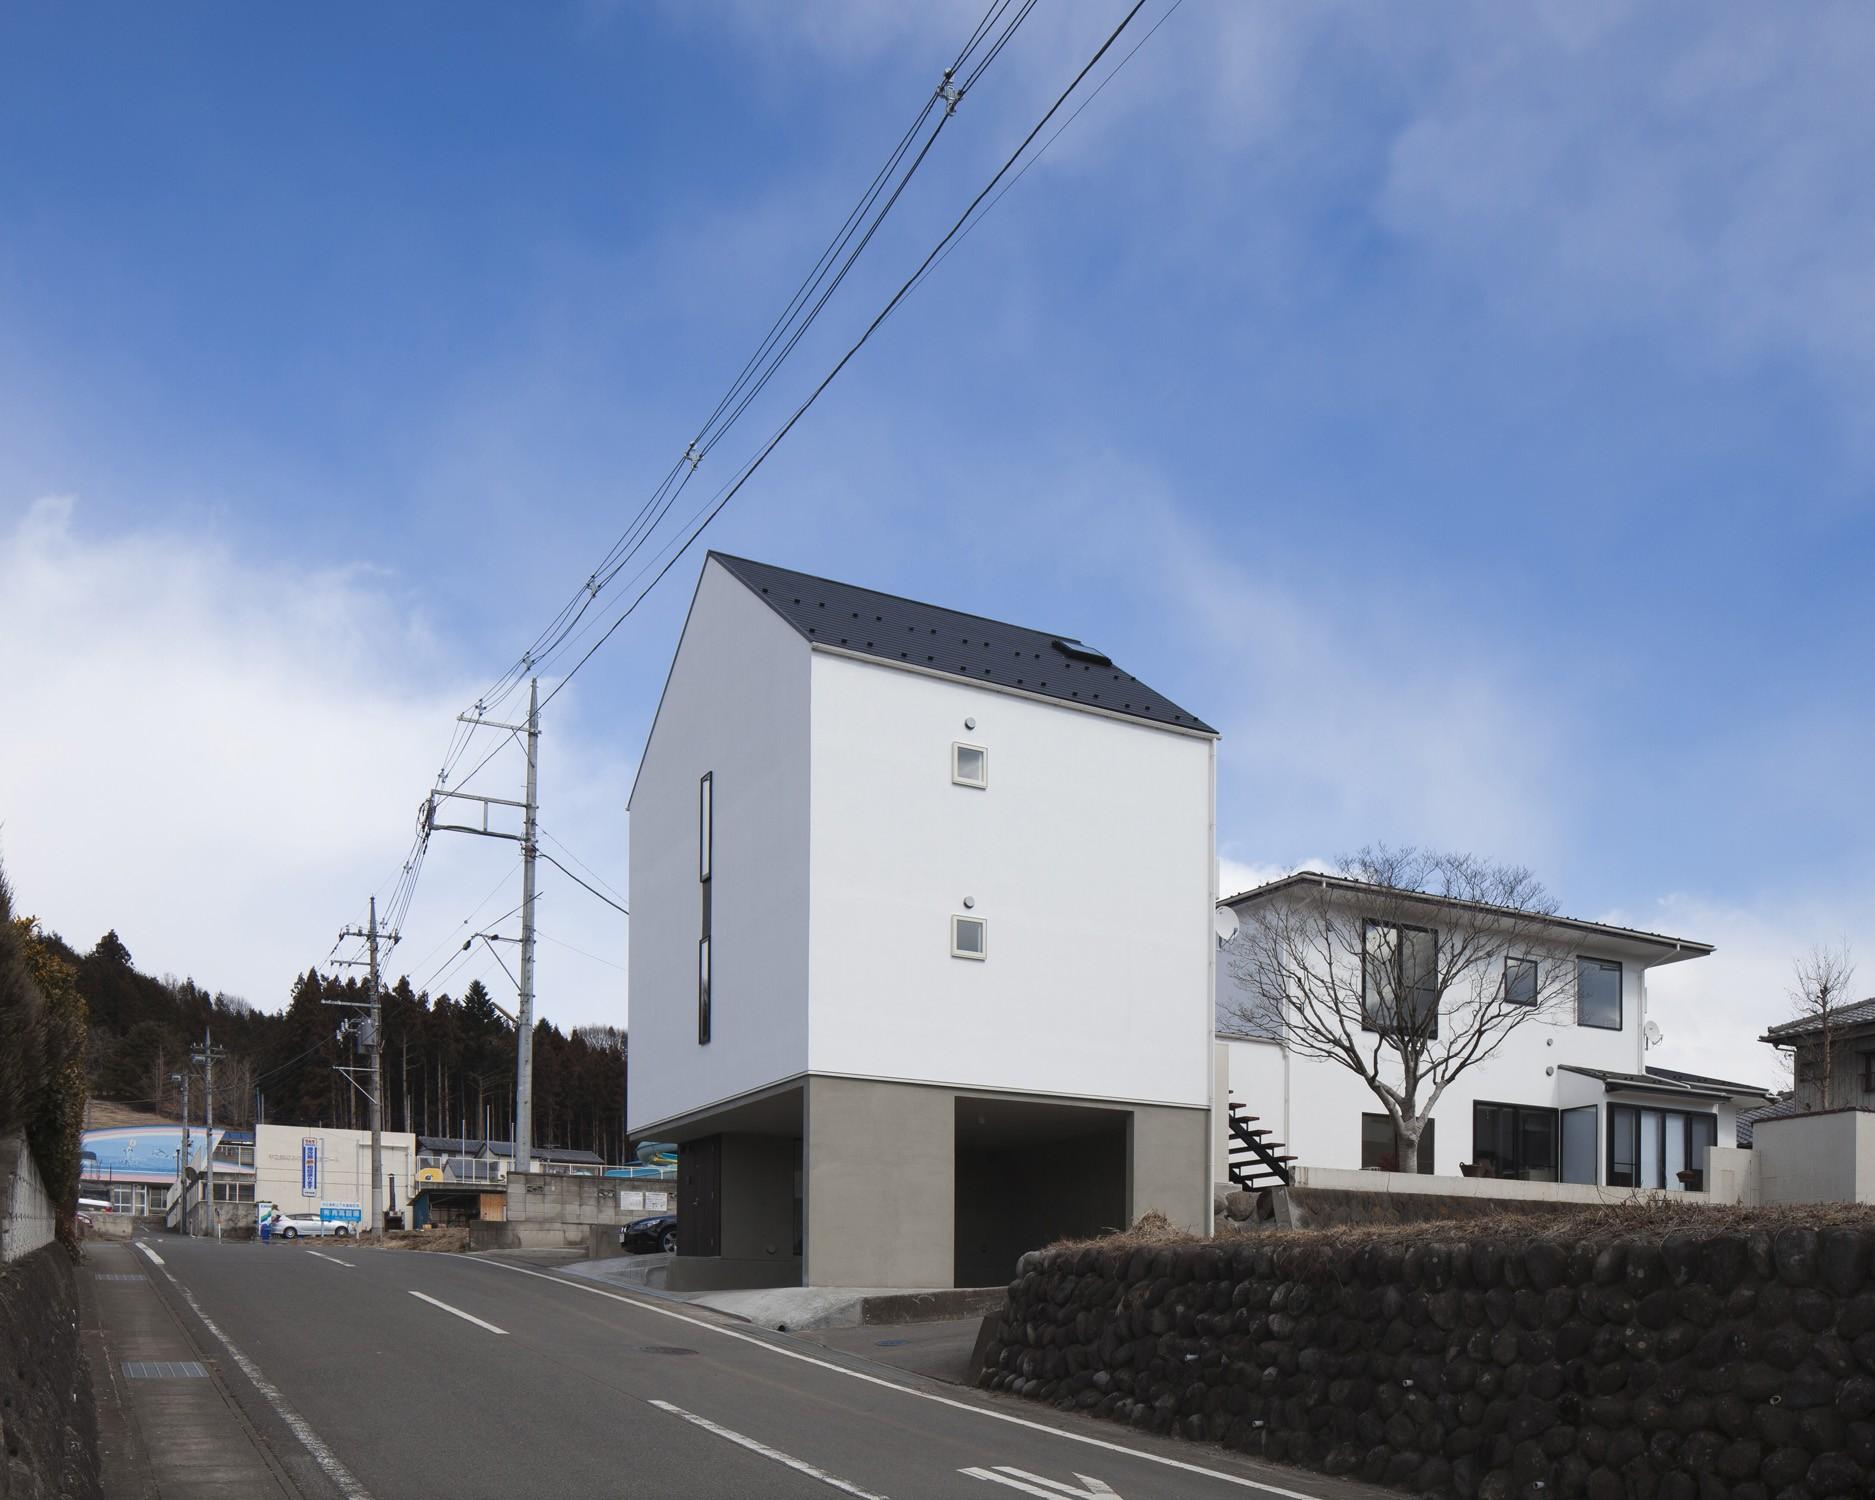 外観事例:左に増築棟、右にリノベーションした母屋(木造築30年「フルリノベーション+増築」で二世帯住宅に改築 OUCHI-23)